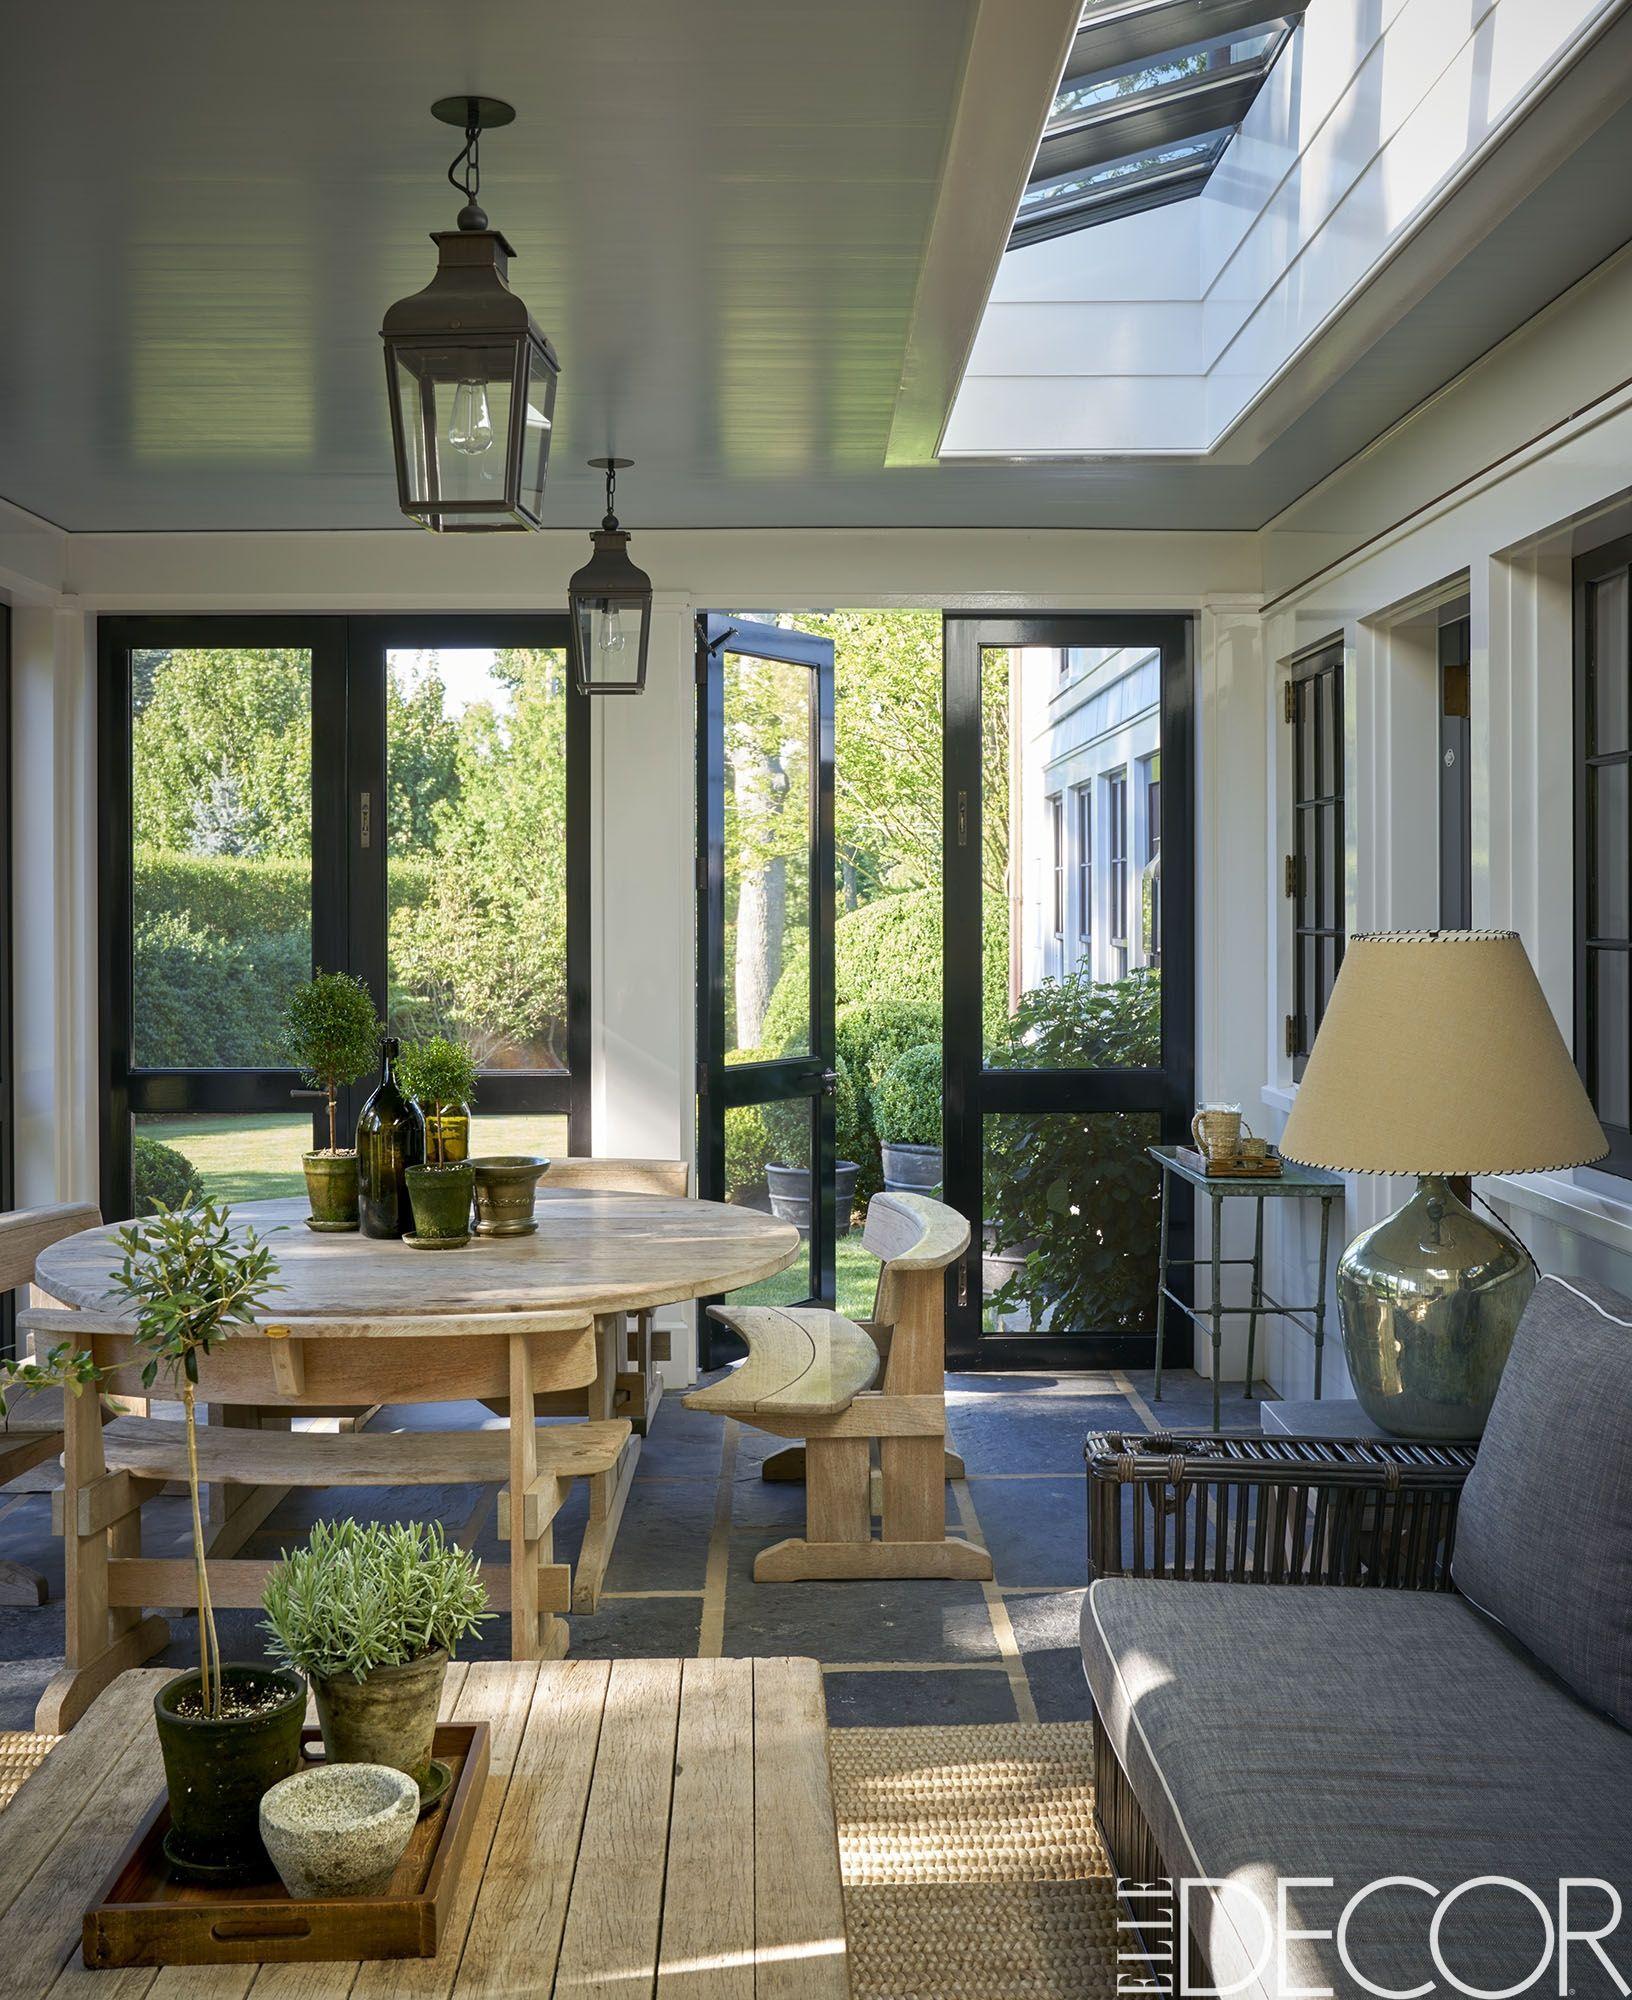 20 Modern Farmhouse Decor Ideas - Contemporary Farmhouse ... on Modern House Ideas Interior  id=17310